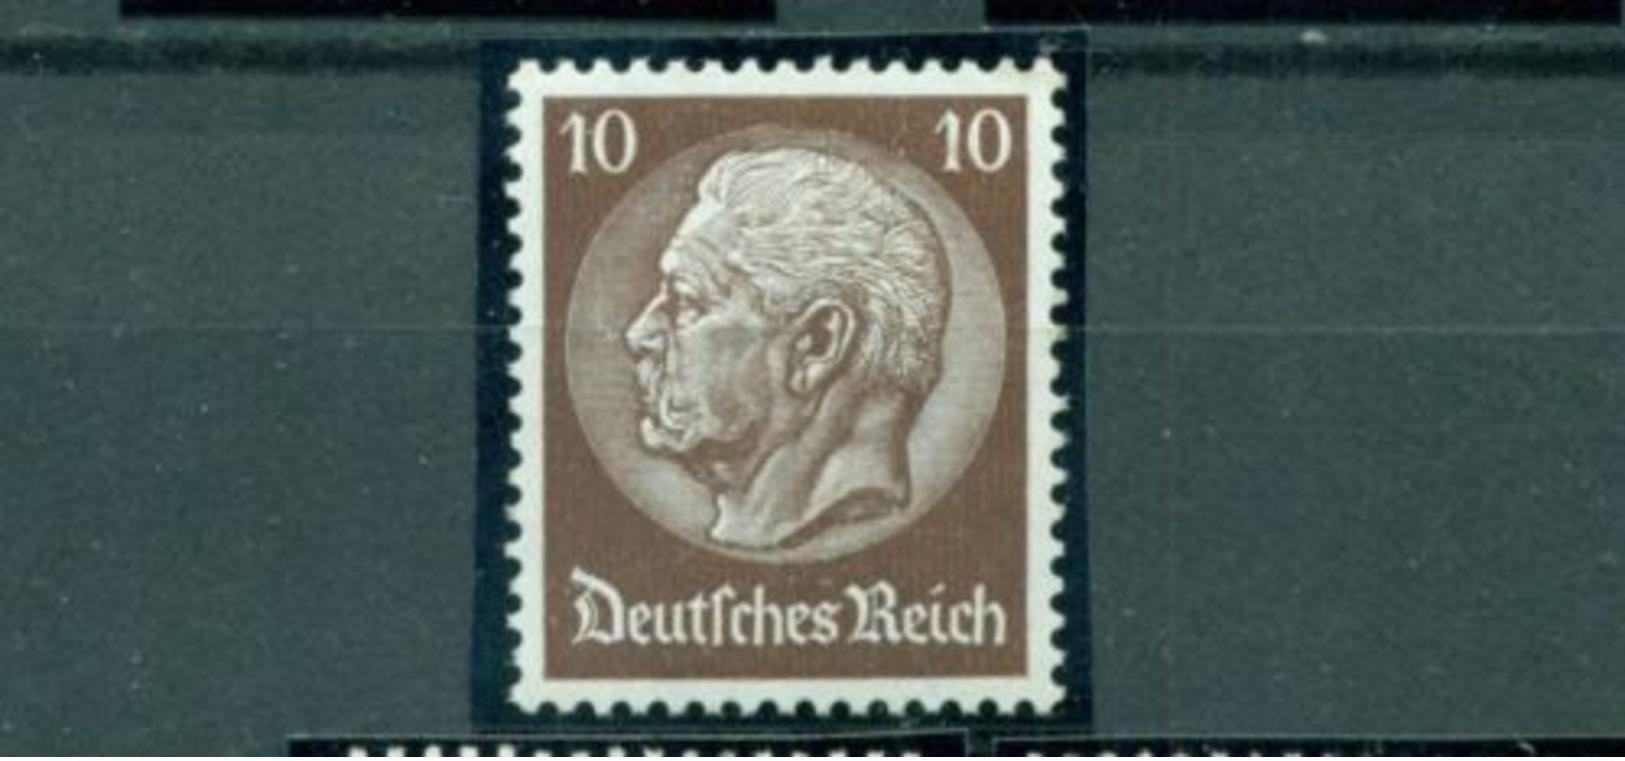 Deutsches Reich, Hindenburg, Nr. 486 Postfrisch ** - Ungebraucht